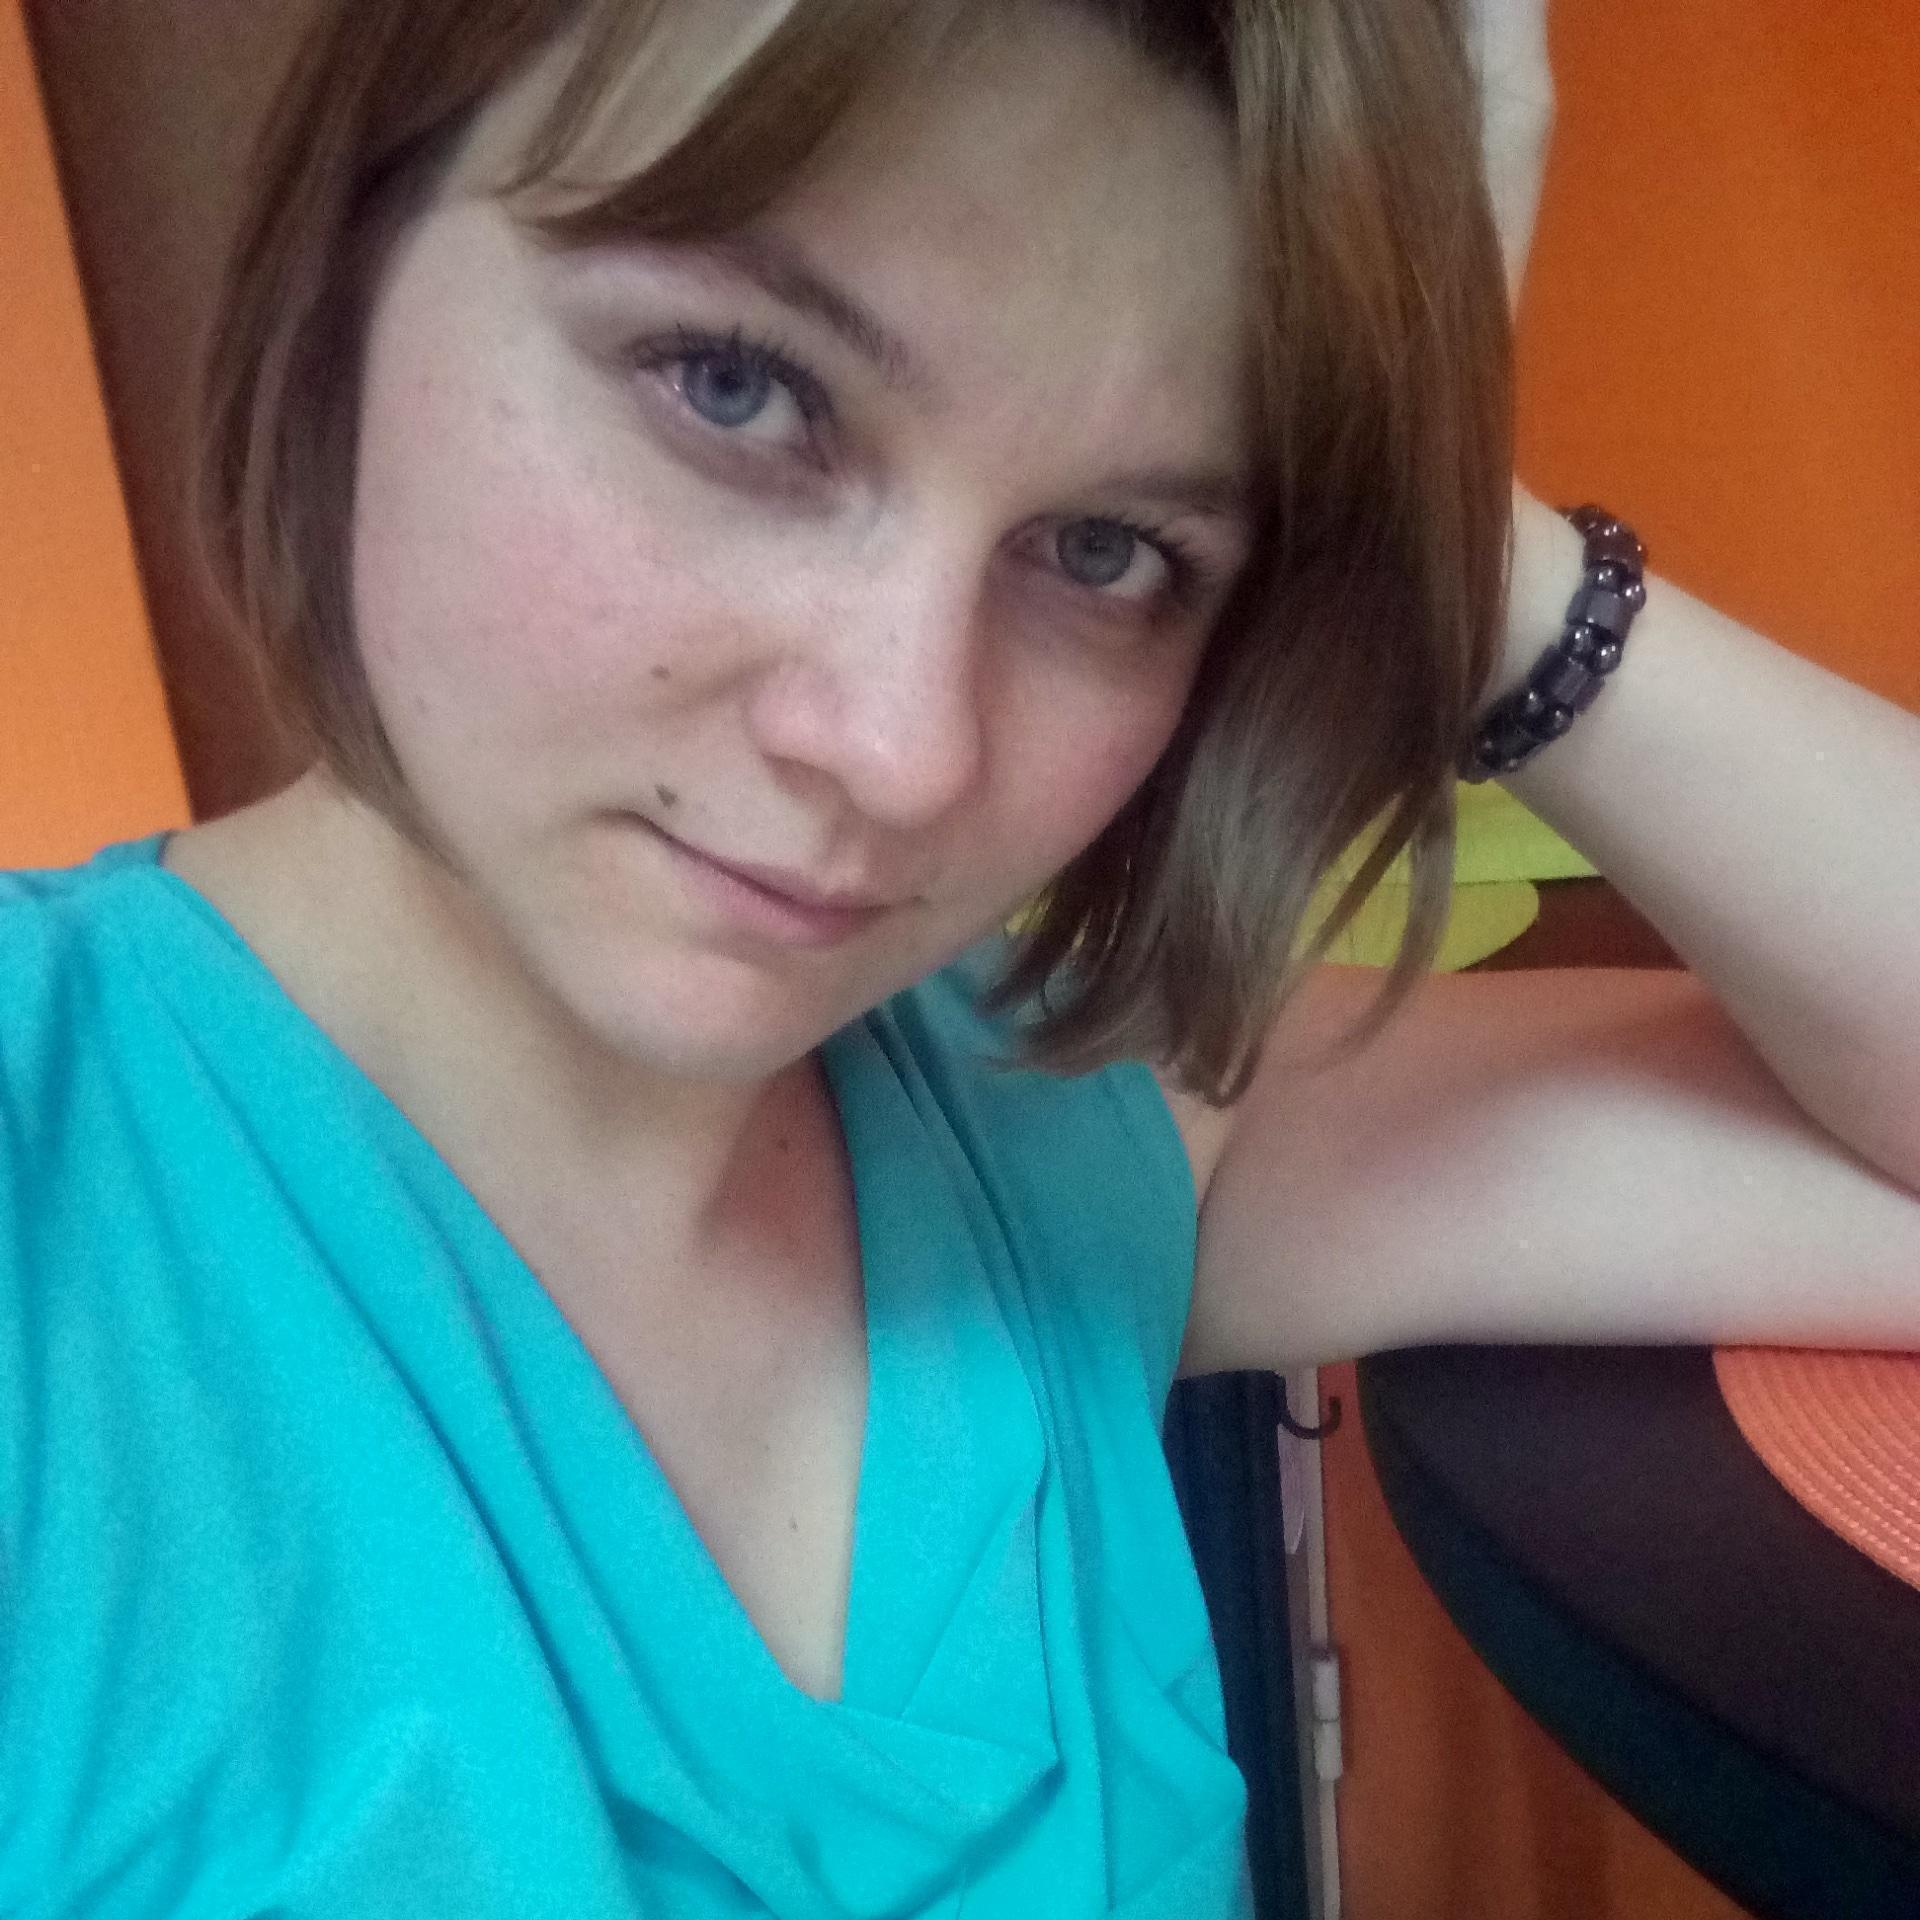 Знакомства с женщиной, от45, из иваново, серьезных отношений знакомства в калининске без регистрации